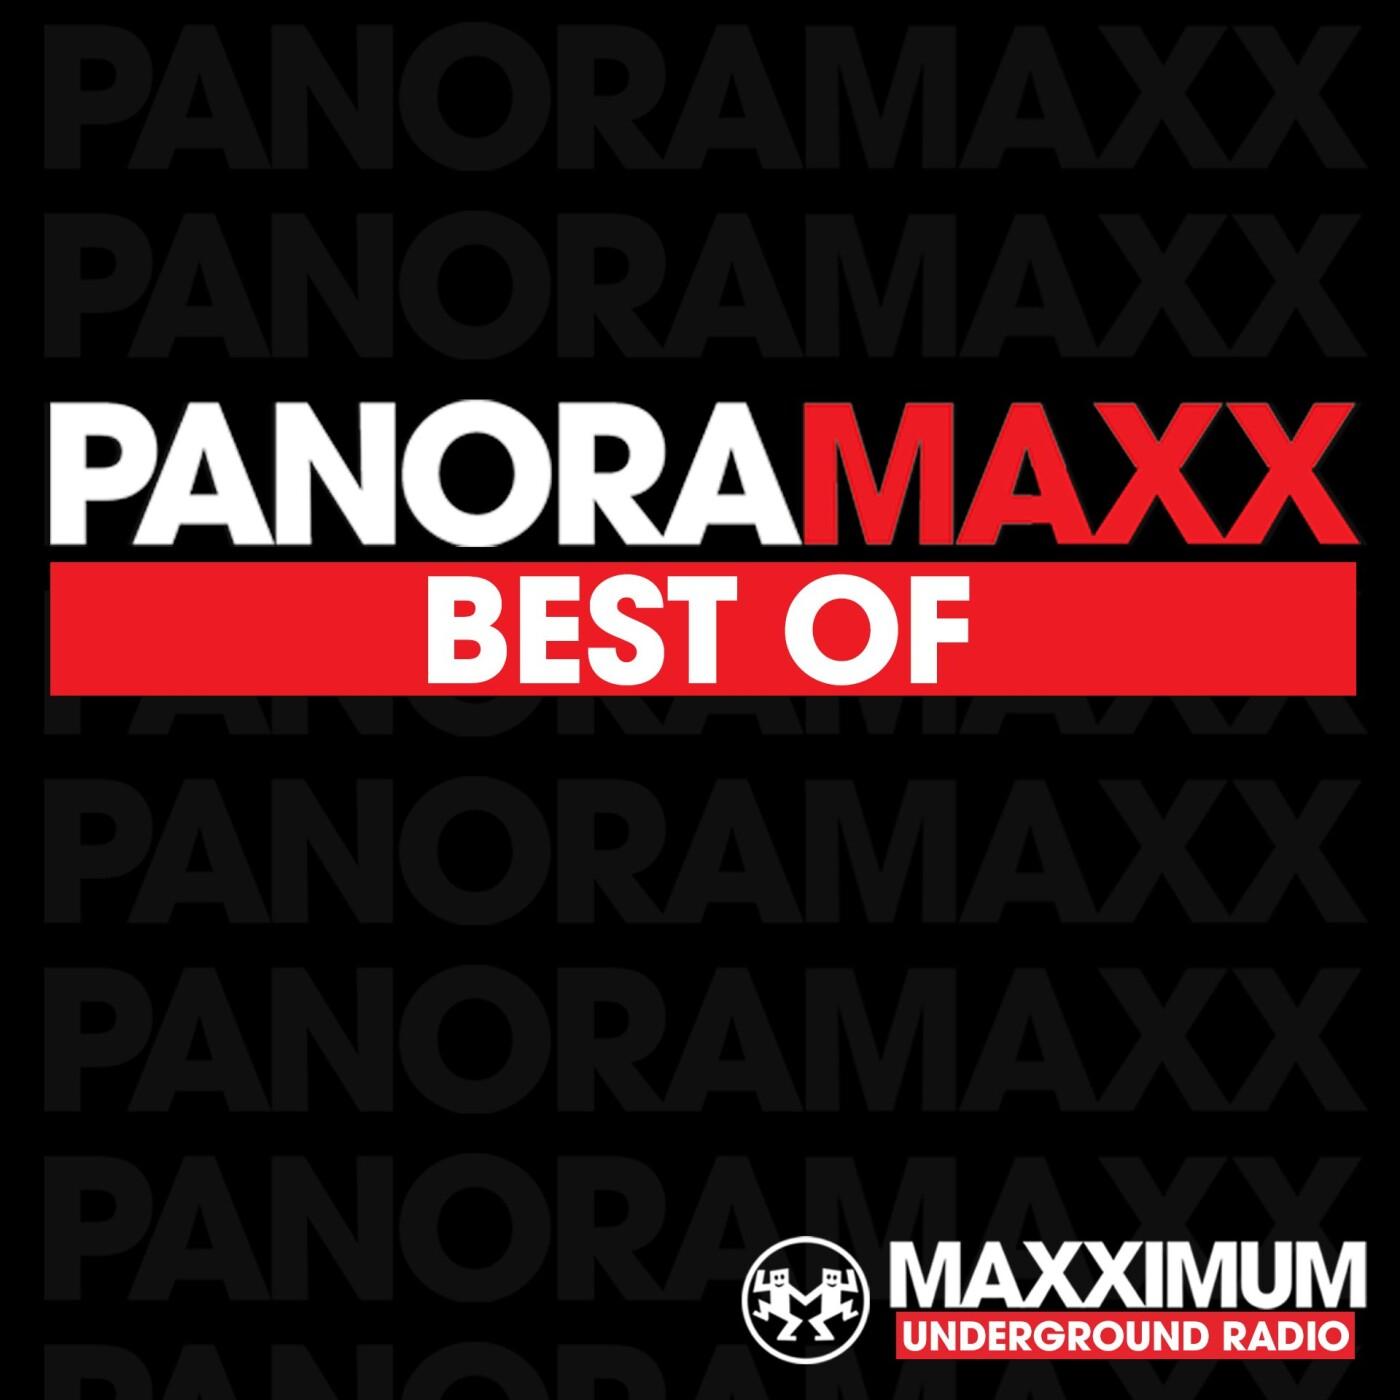 PANORAMAXX BEST OF : CHEZ DAMIER